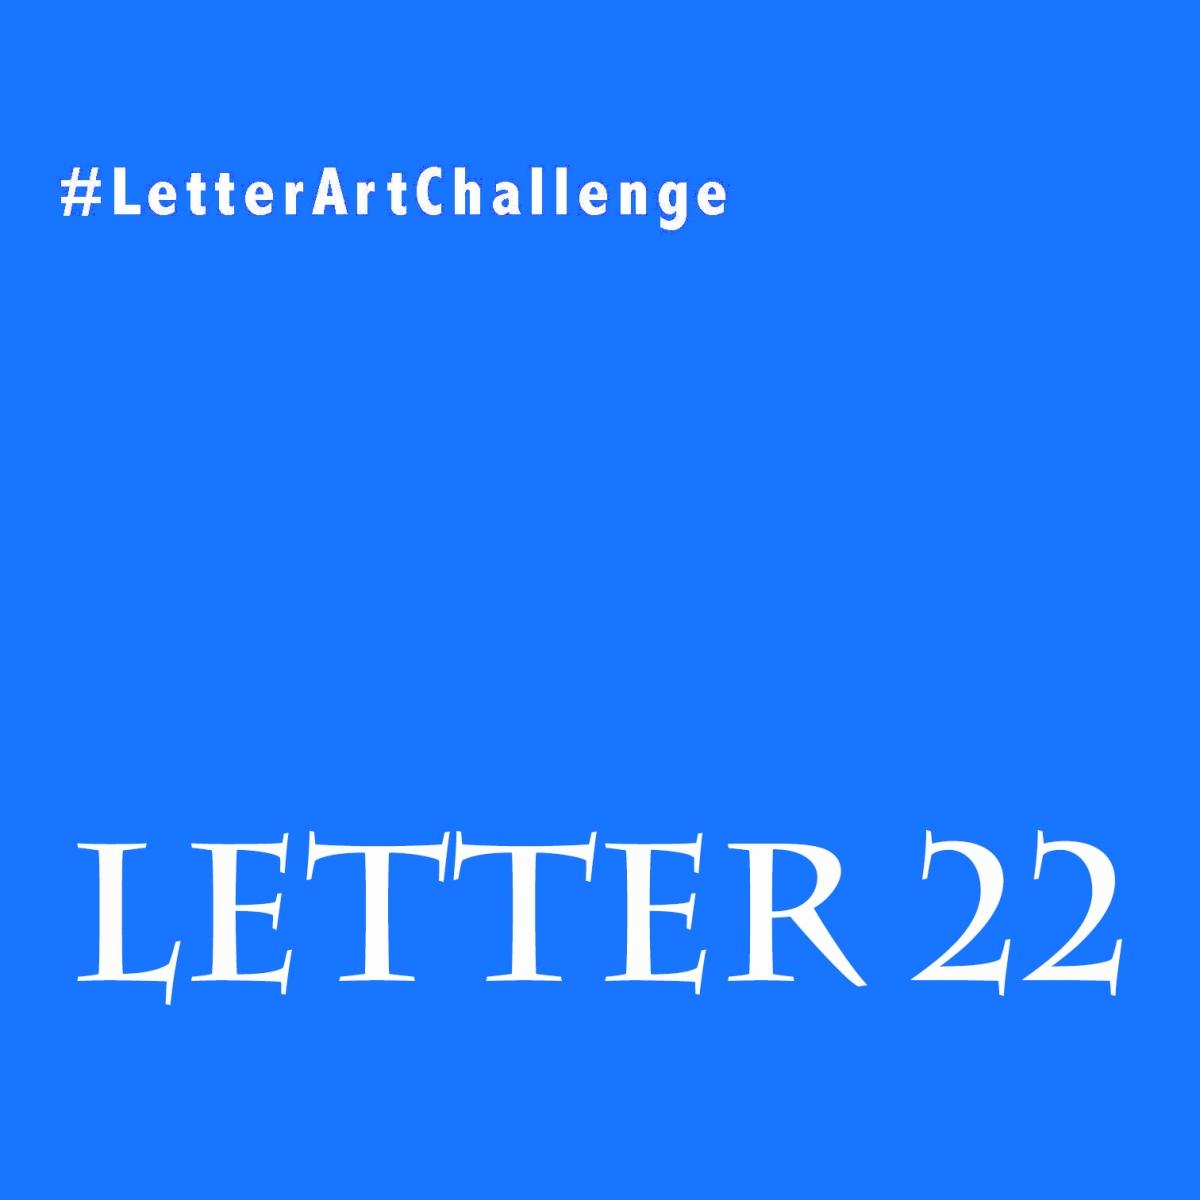 Letter Art Challenge - Letter 22